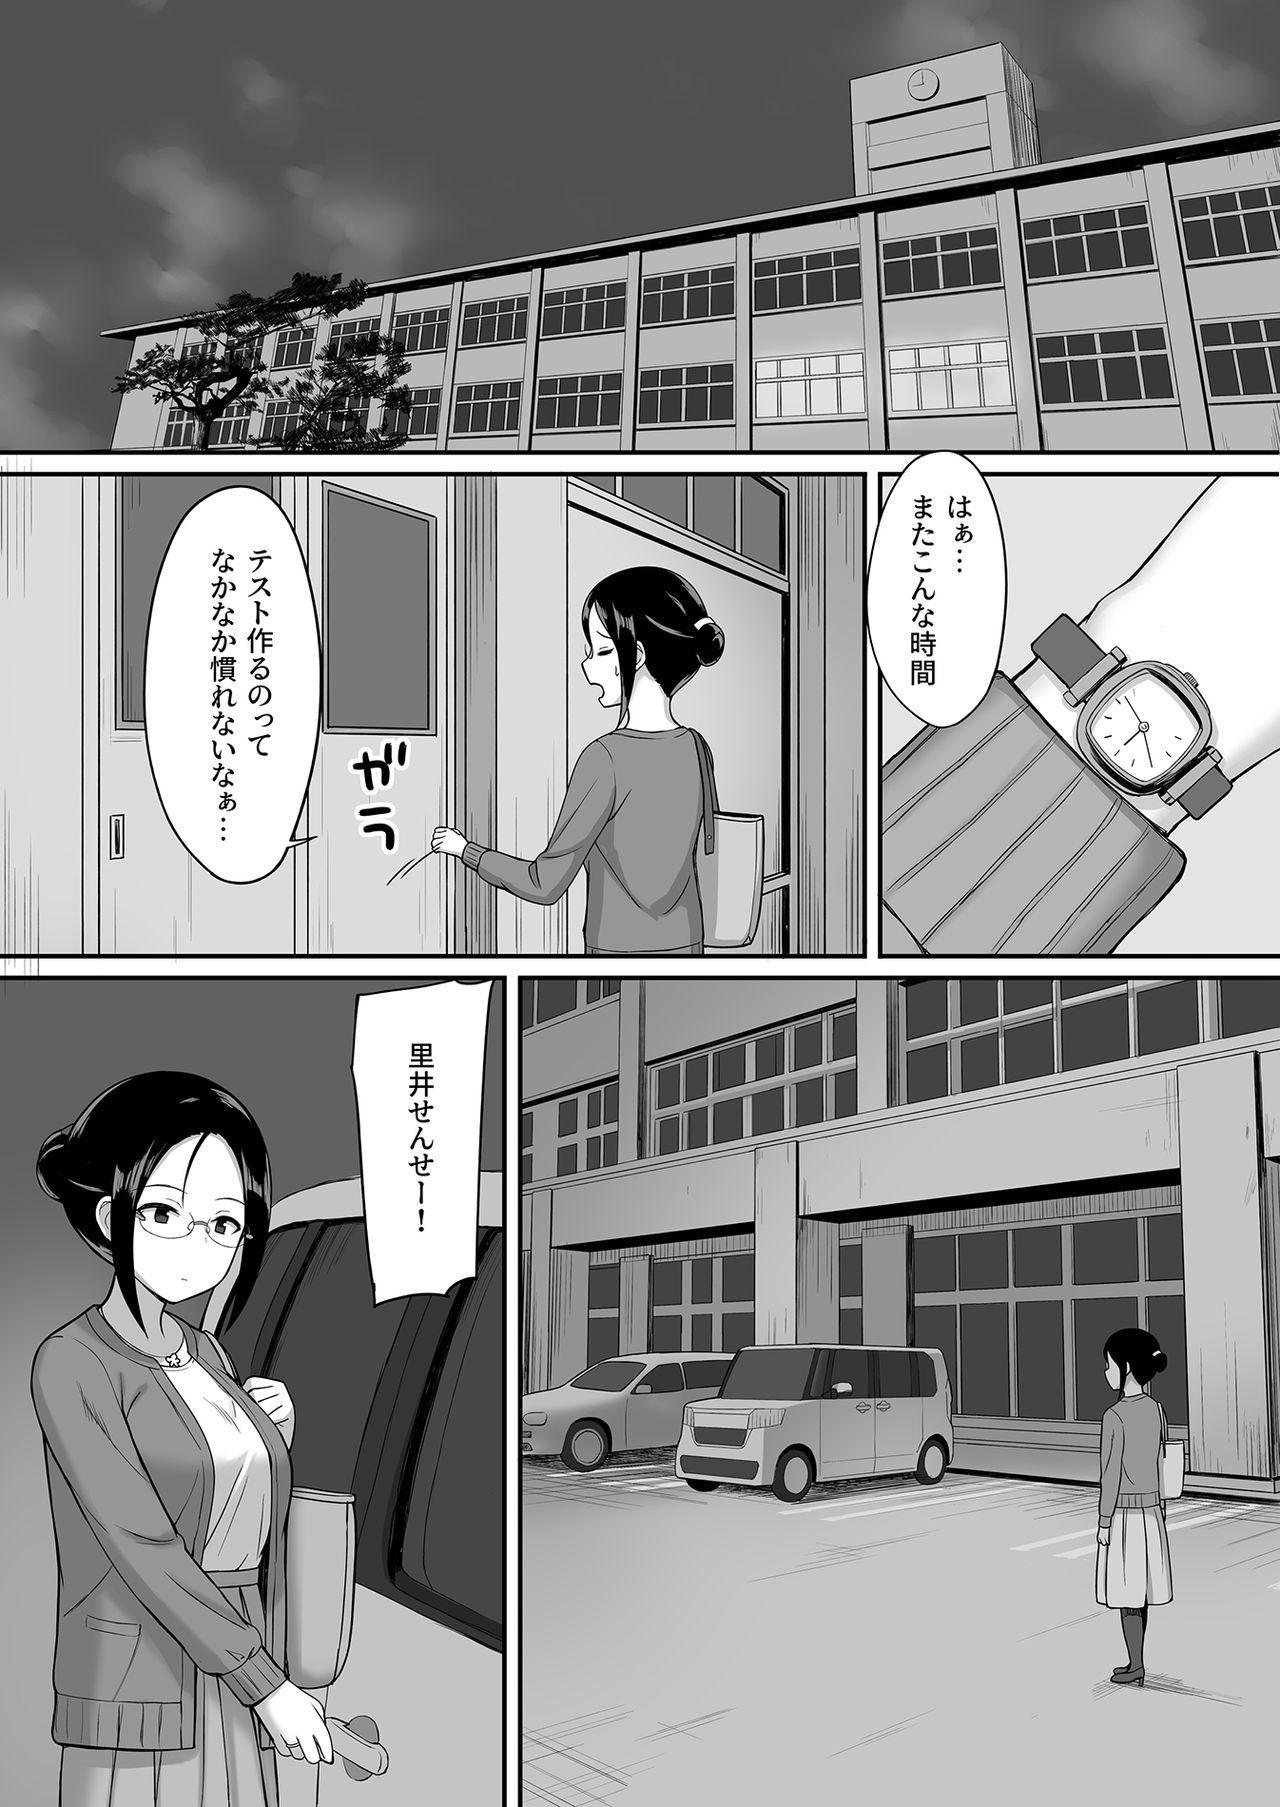 Fukujuu no noroi 3 4